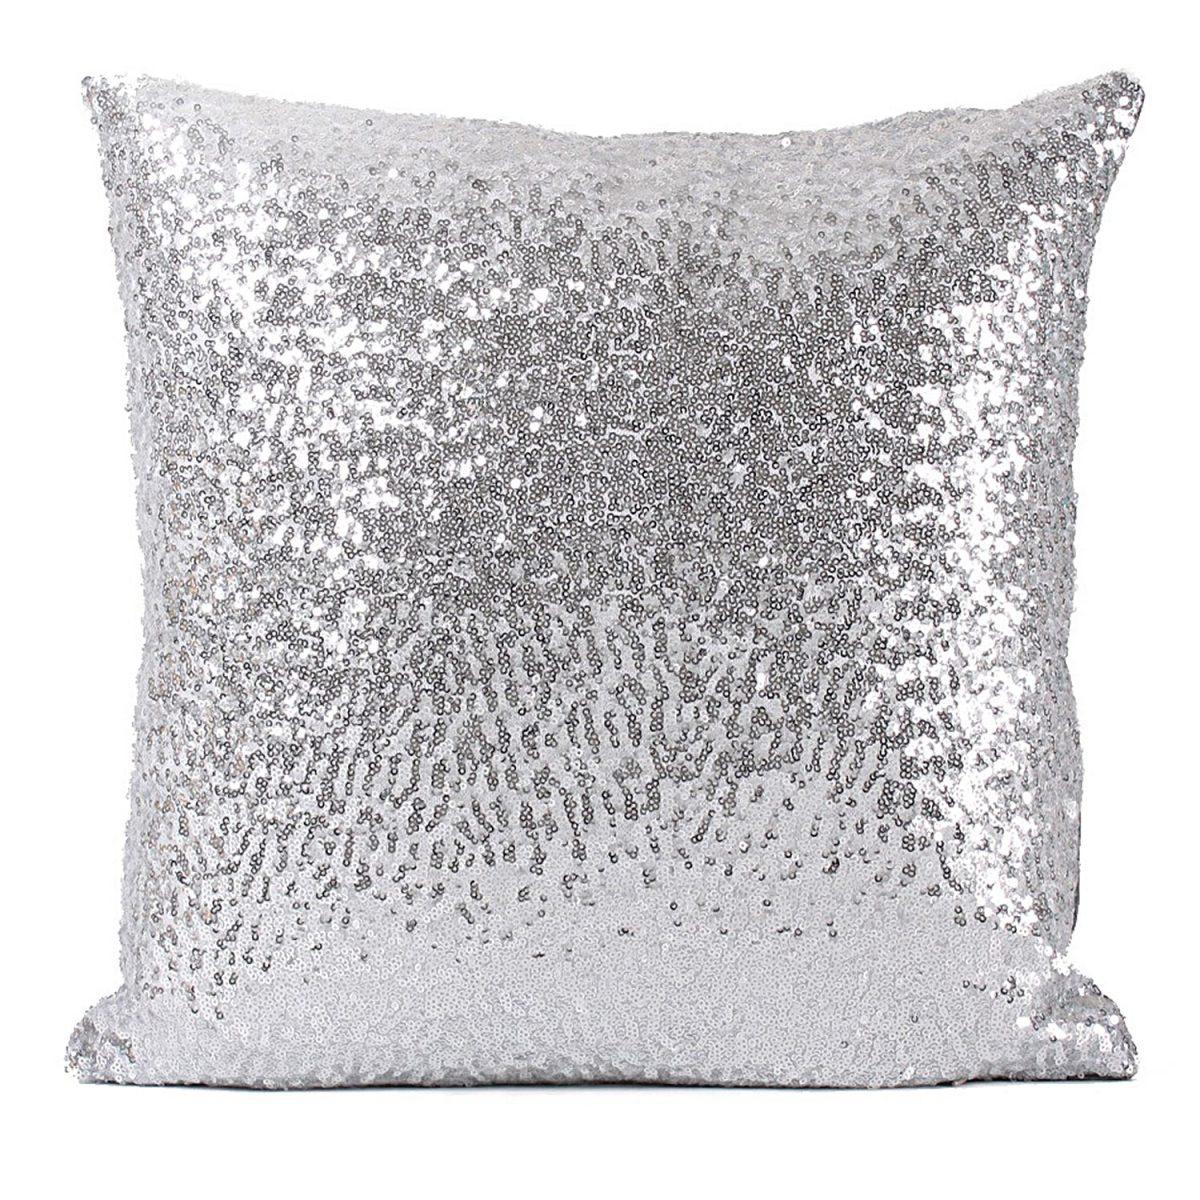 RealHomes Silver Gümüş Pullu Payetli Yastık Kırlent Kılıfı Realhomes